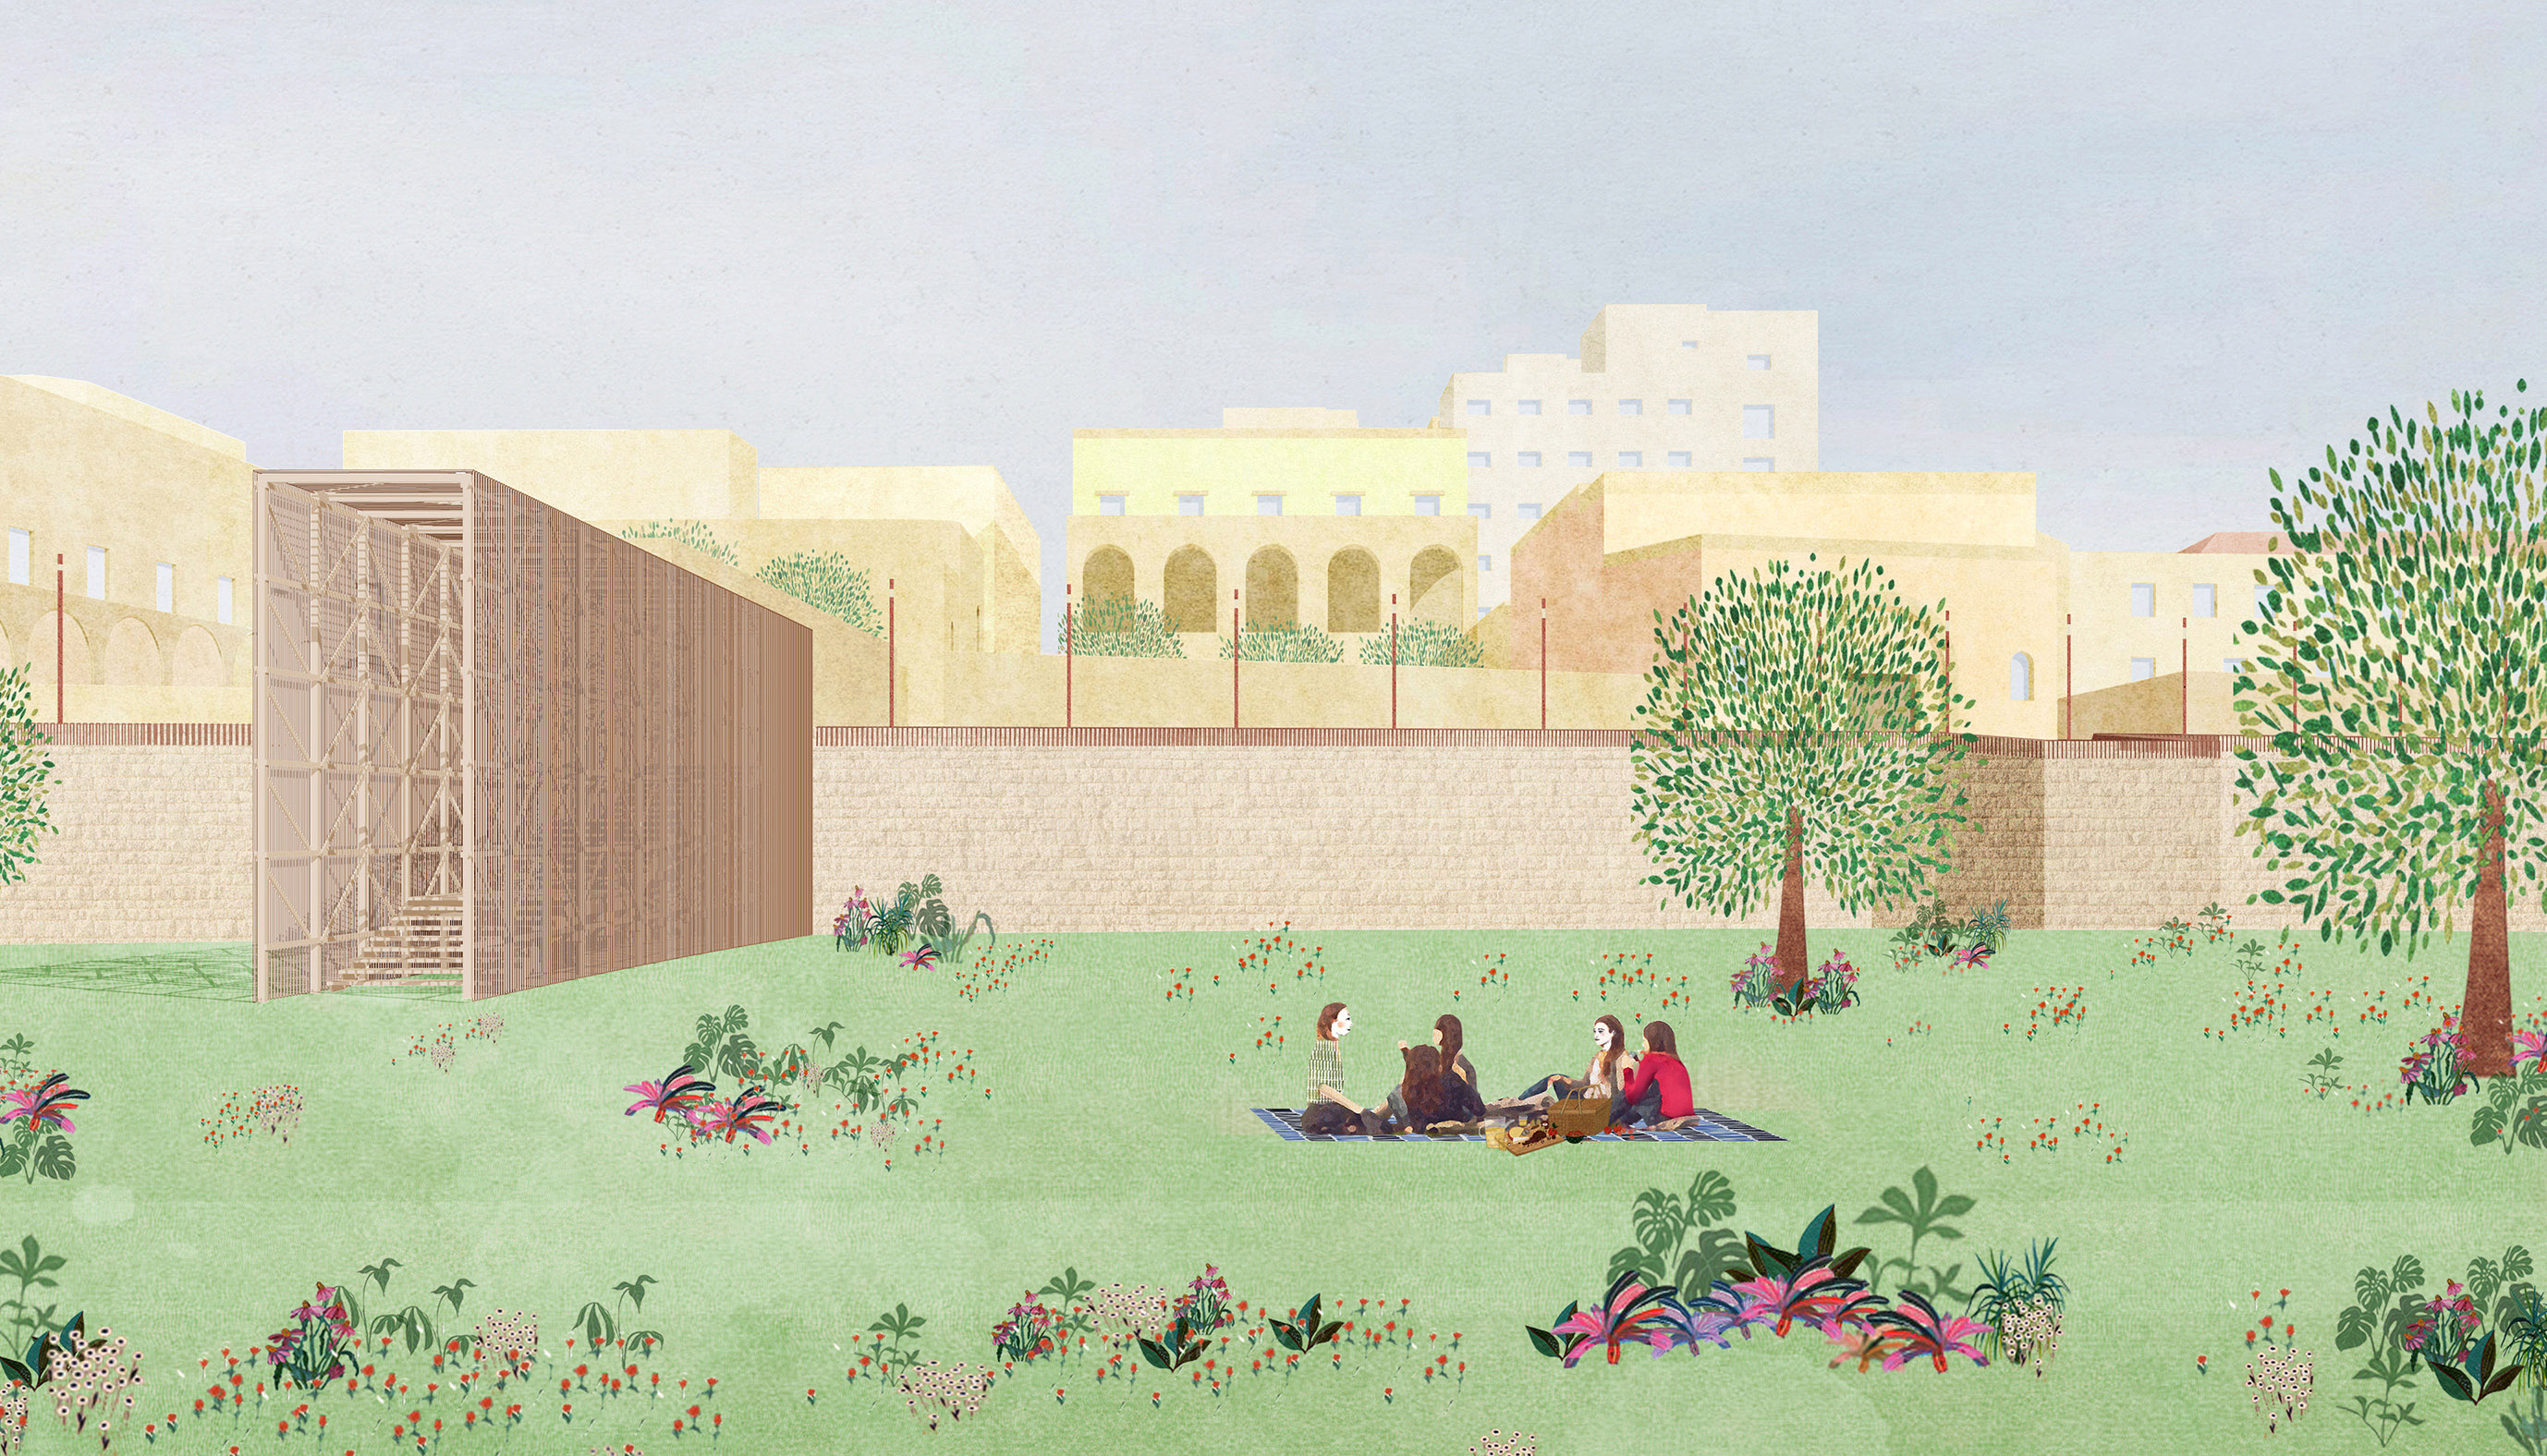 Una suggestione del parco lineare che costeggia le mura, collegato al centro città attraverso scalinate in legno e acciaio protette da una struttura a lamelle verticali